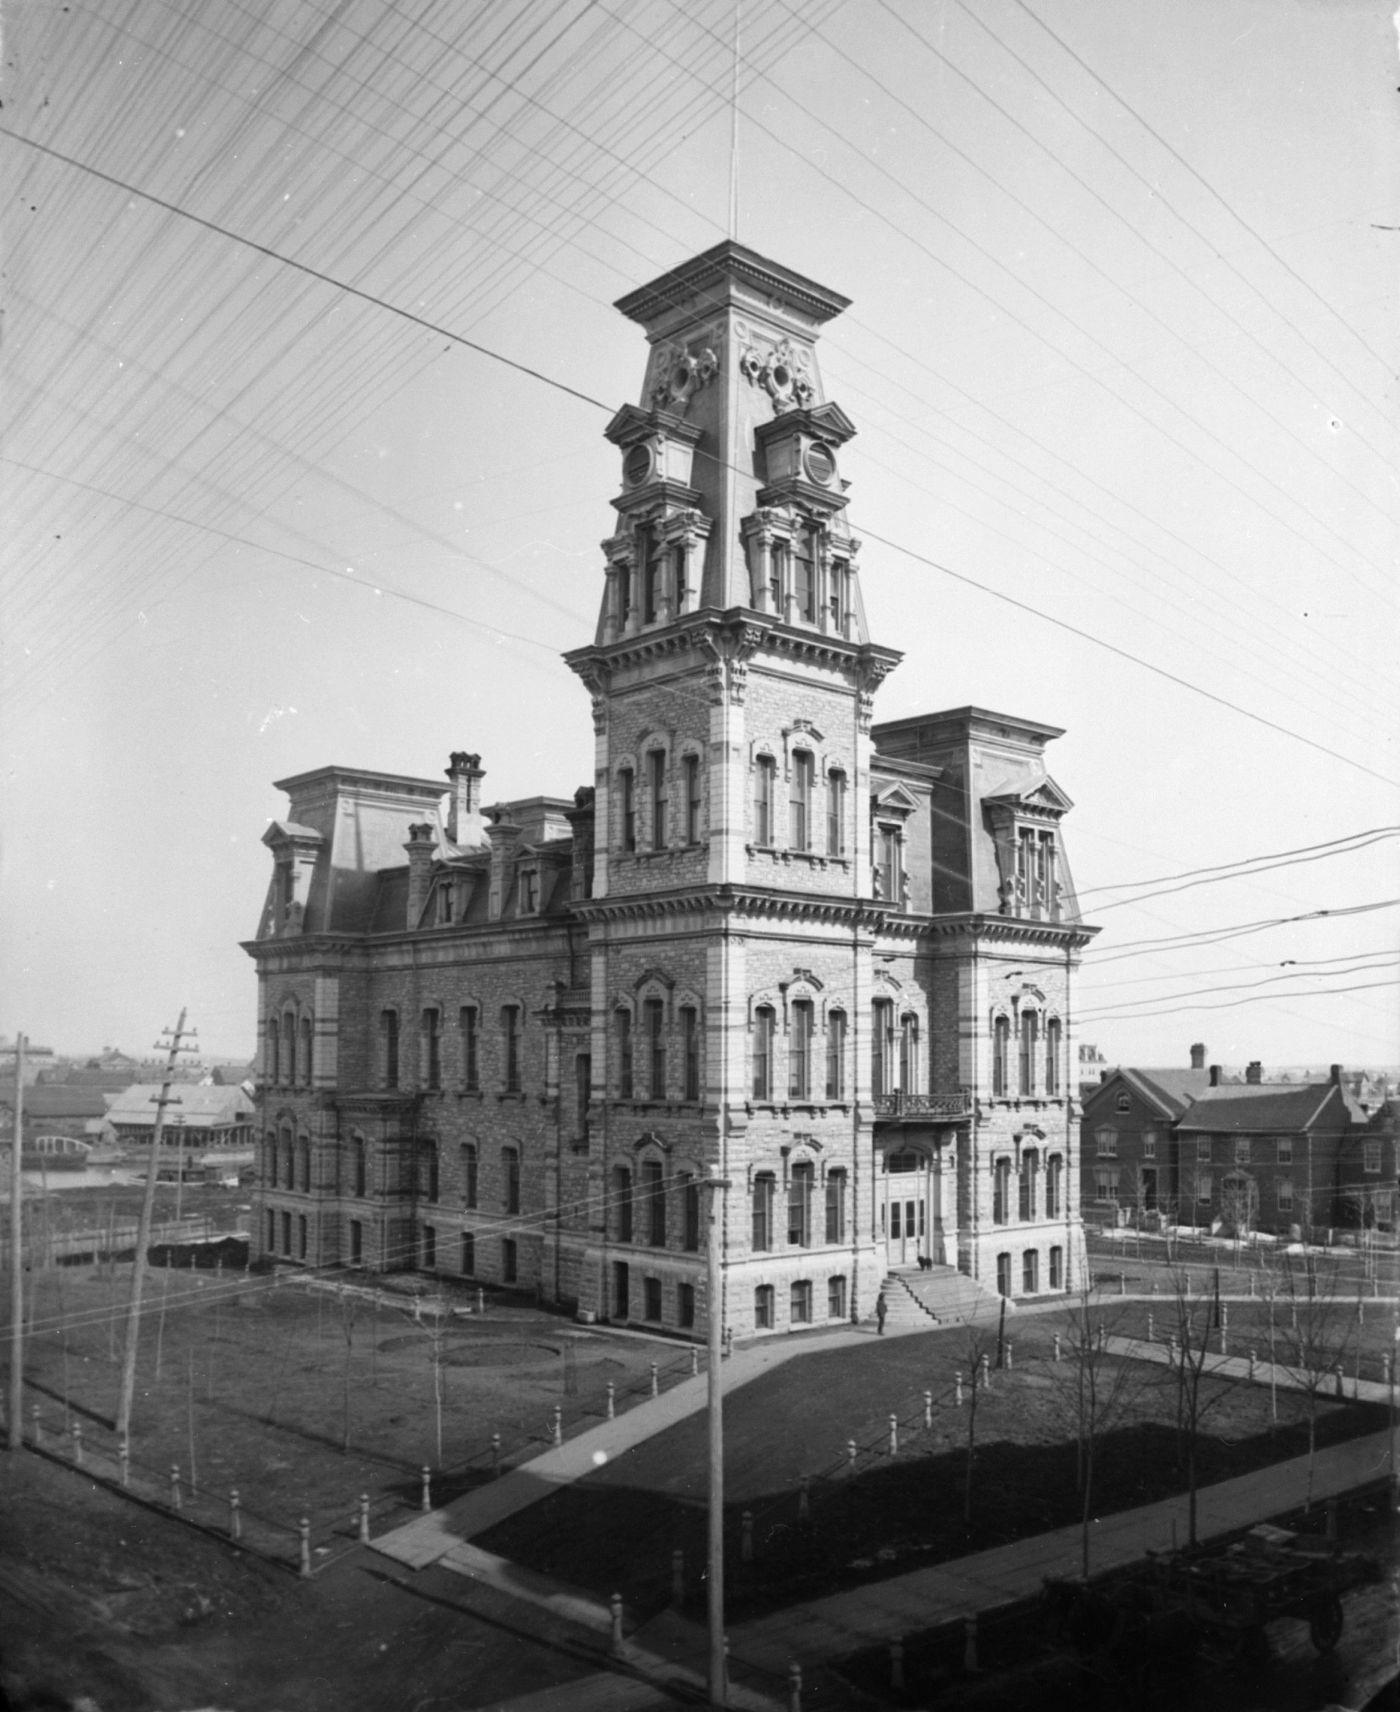 Photographie en noir et blanc d'un édifice en pierre à quatre étages, dominé par une tour à sa droite. L'édifice est séparé des maisons avoisinantes par un parc. Des lignes diagonales sont visibles en haut de l'image.